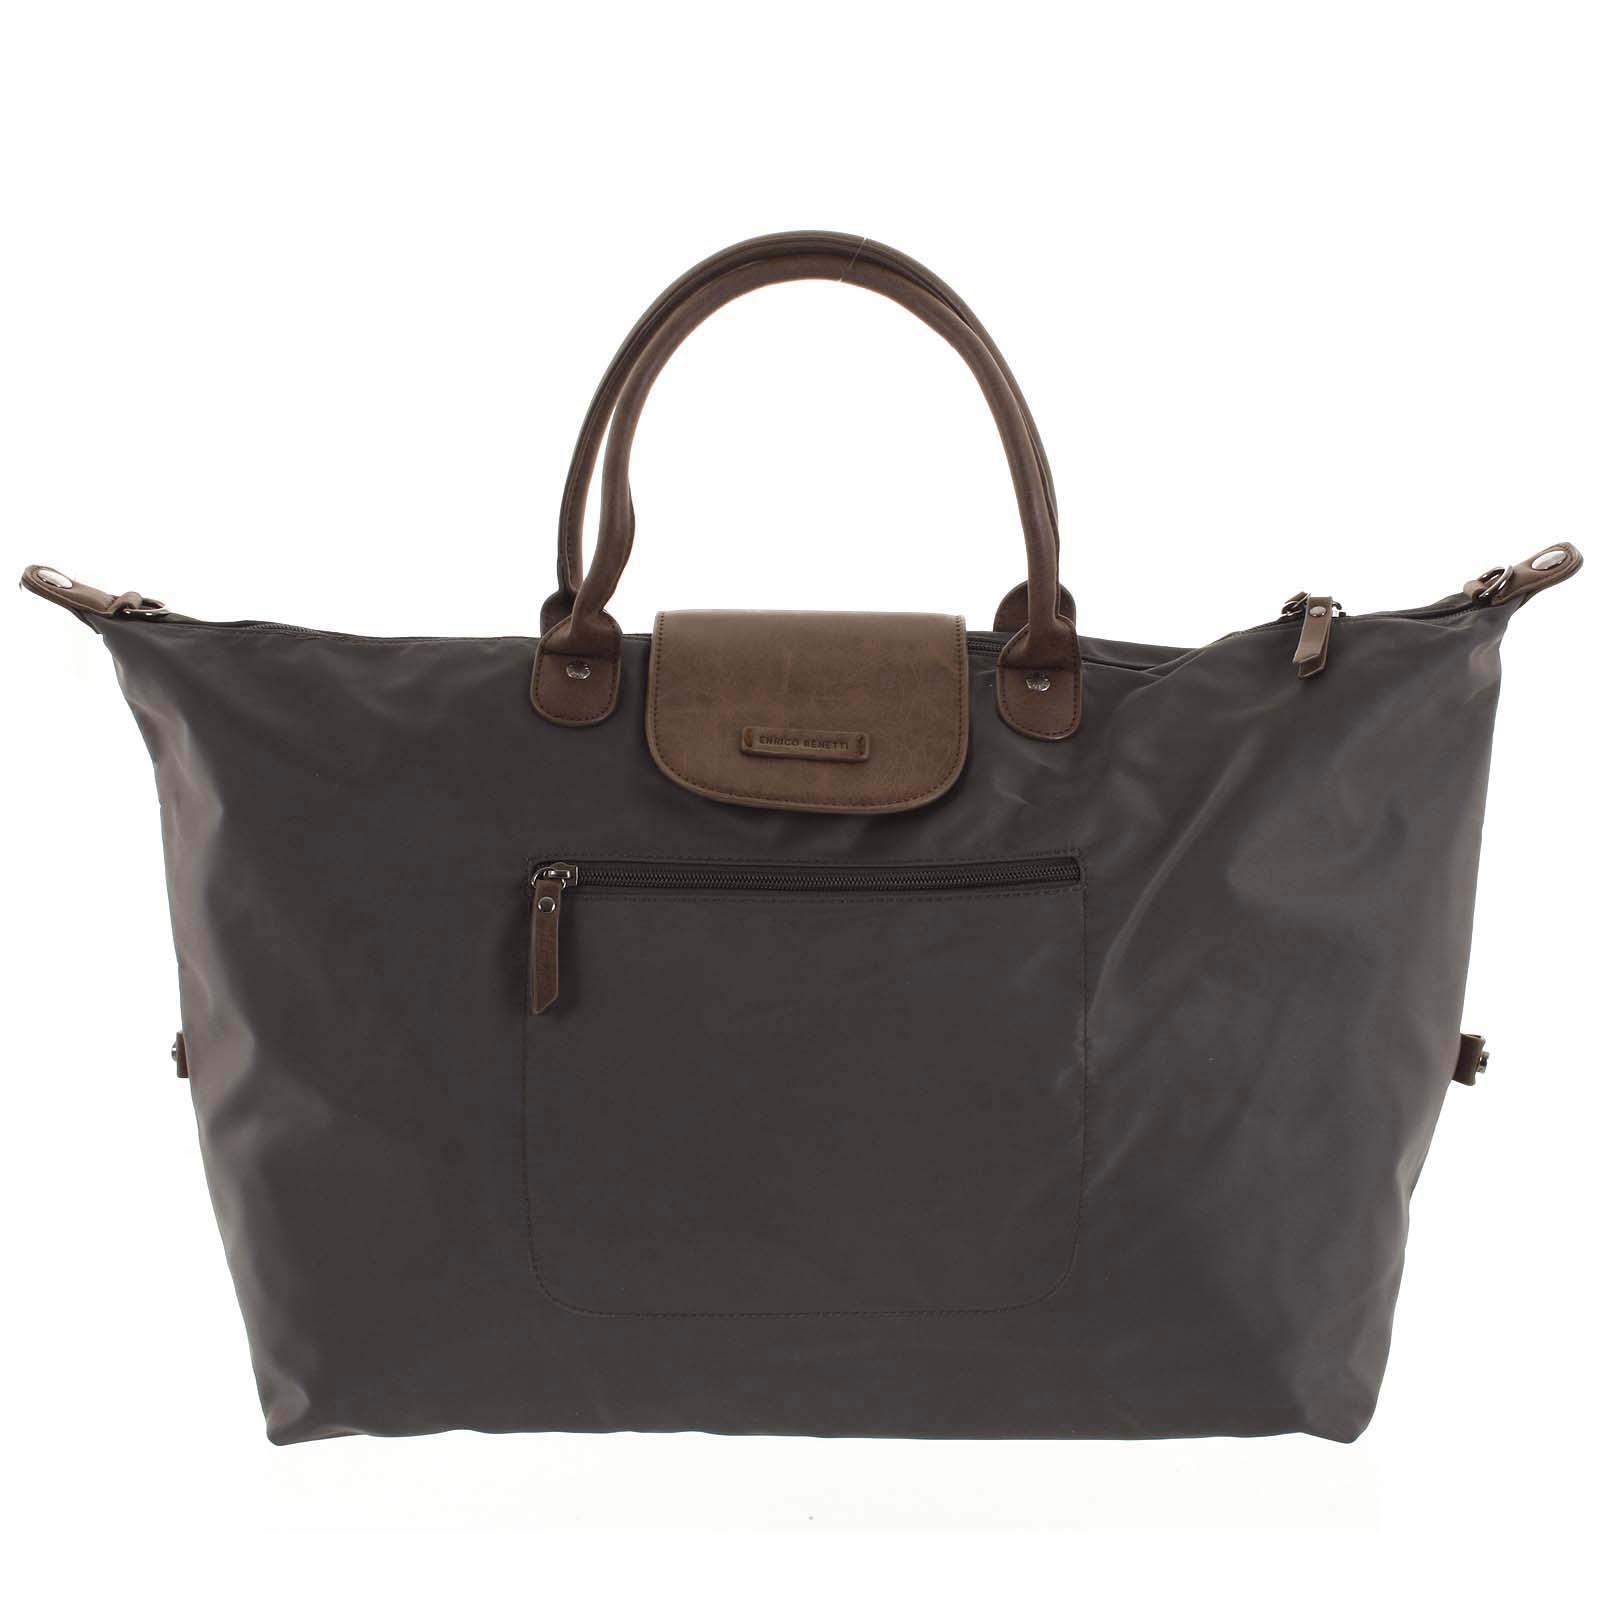 Voděodolná cestovní taška tmavě šedá - Enrico Benetti Maroony